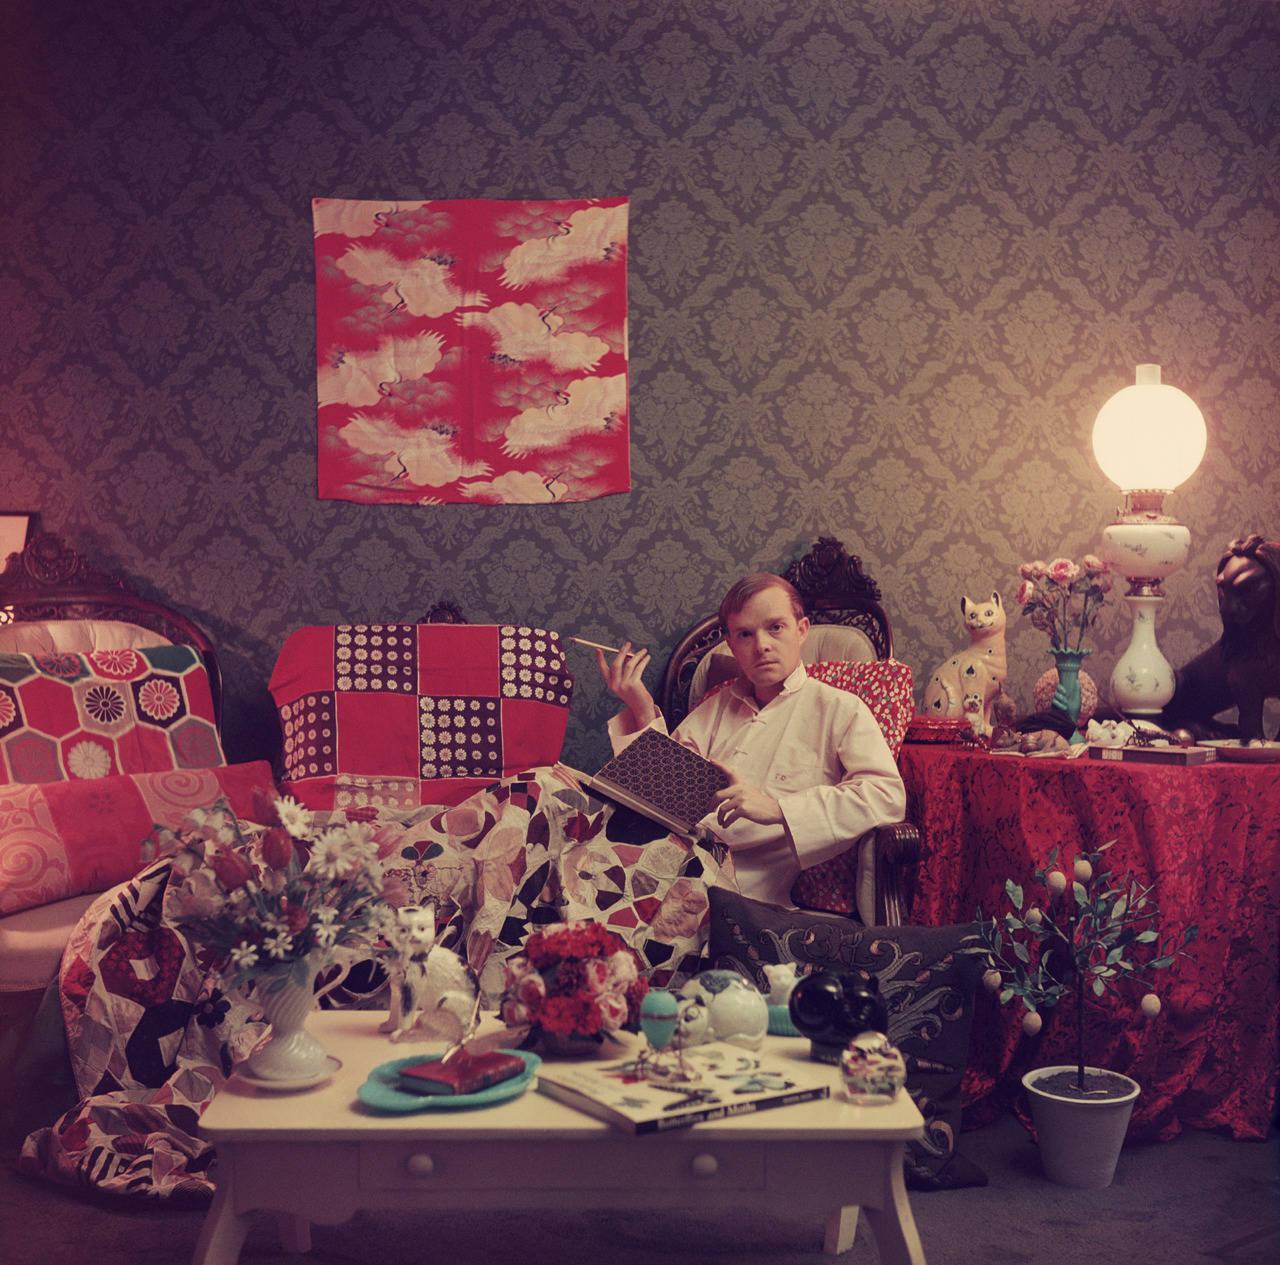 Slim Aarons 'Truman Capote at Home' (Slim Aarons Estate Edition)